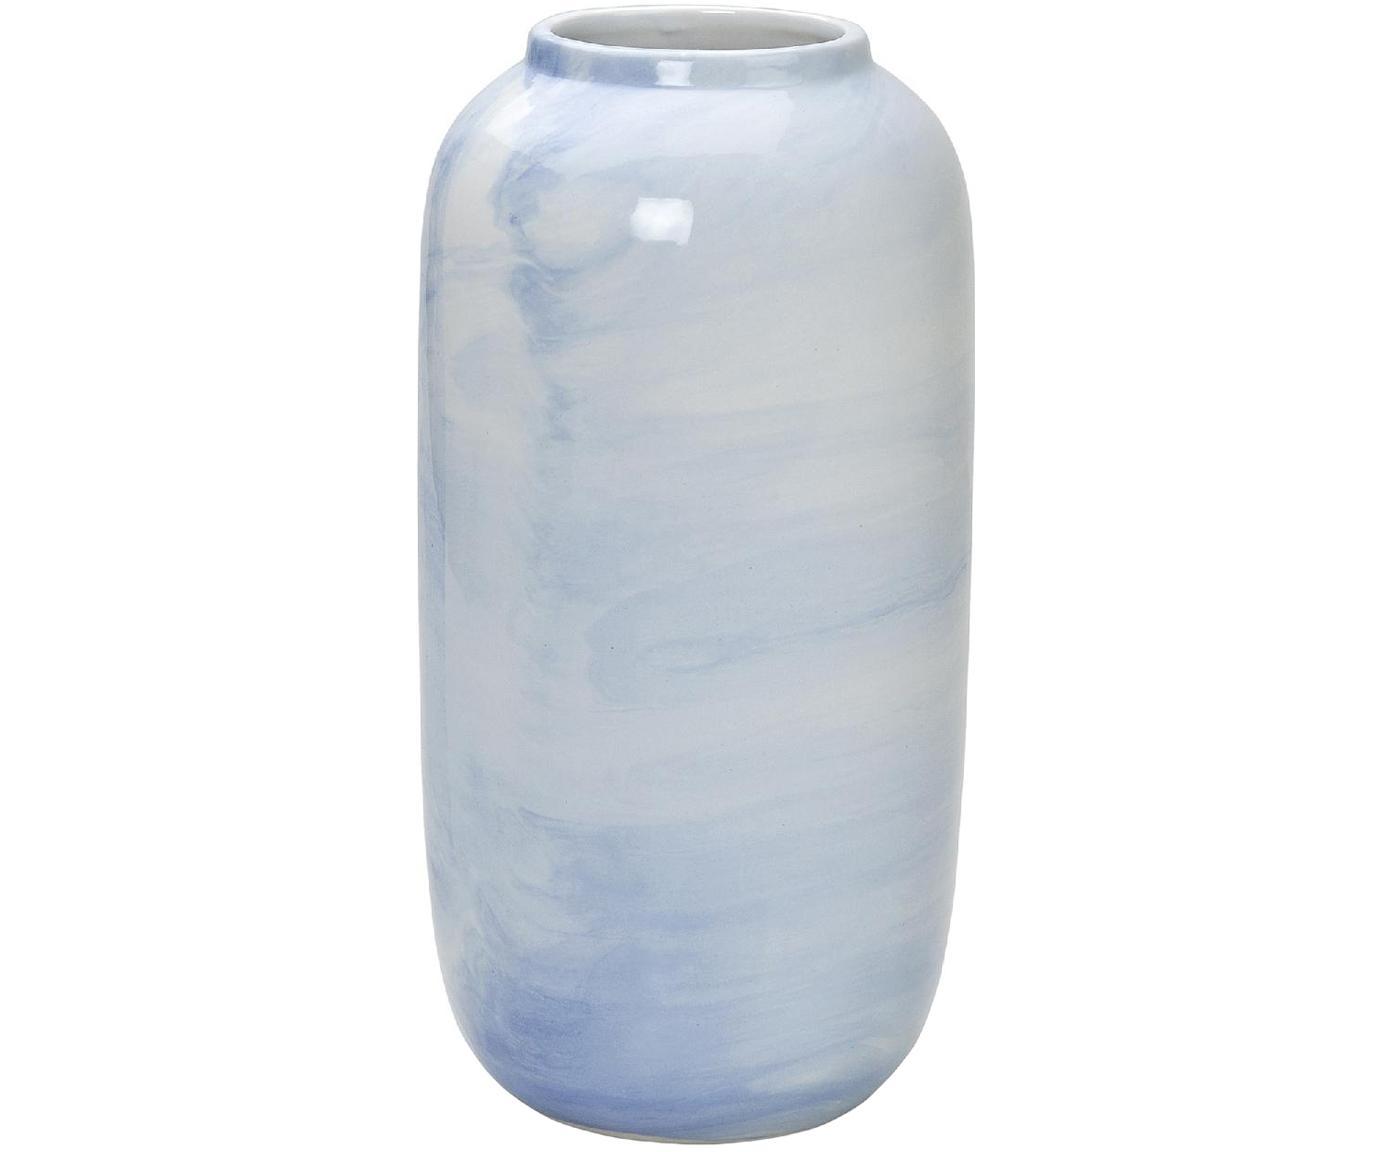 Wazon z ceramiki Diluted, Ceramika, Jasny niebieski, Ø 13 x W 25 cm